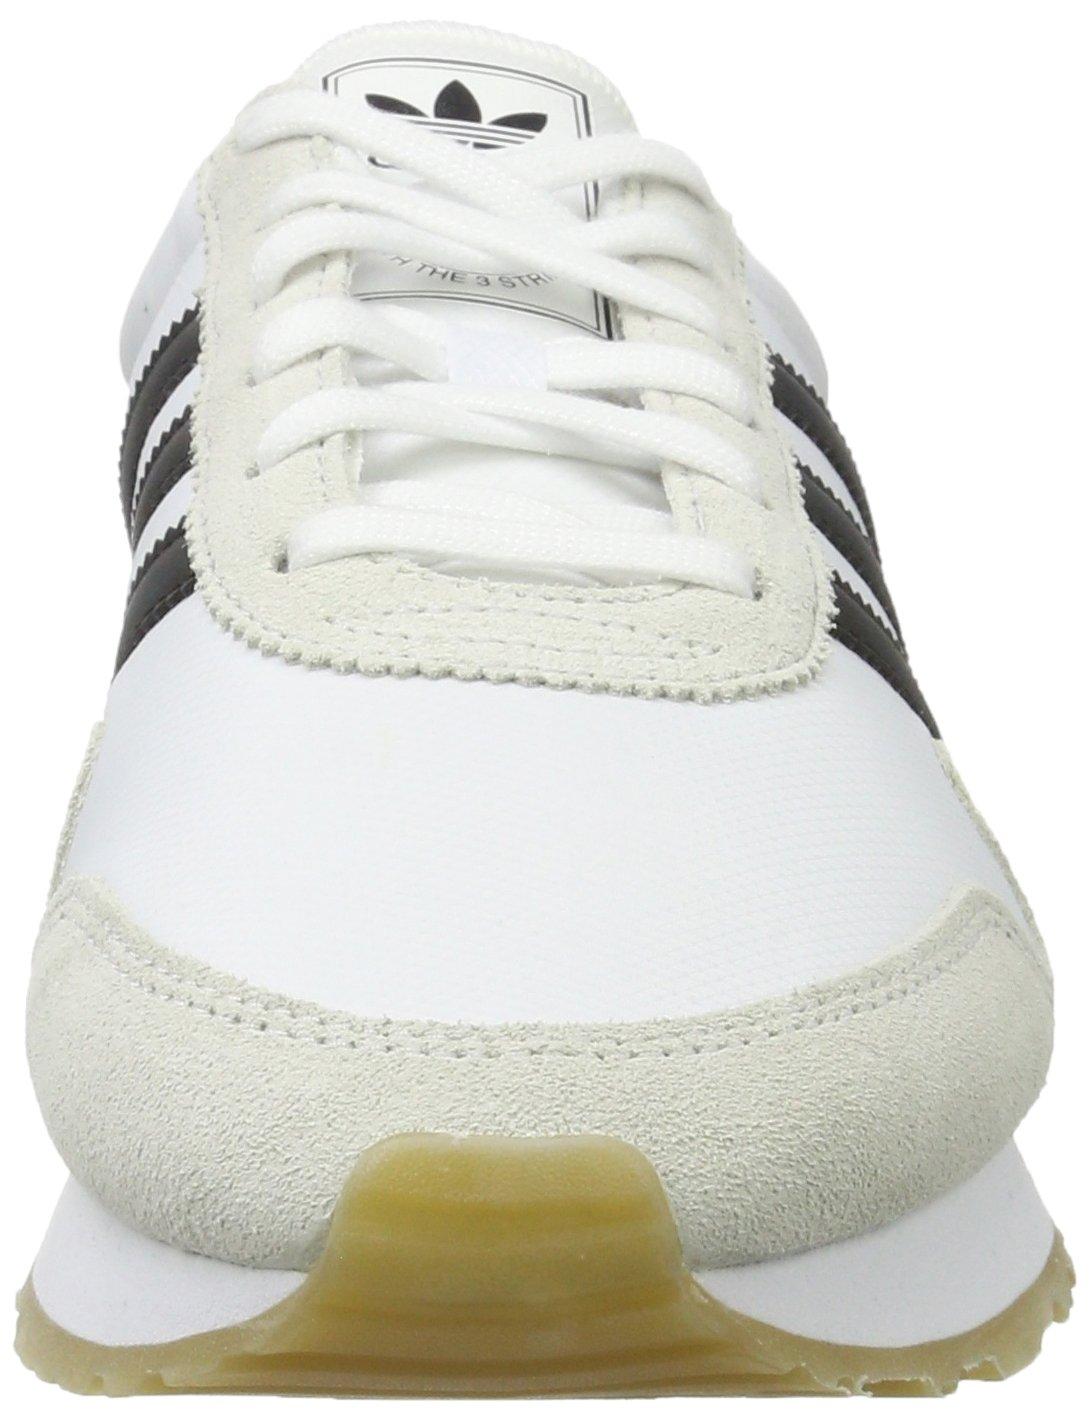 Haven Bianco Ginnastica footwear Uomo Adidas Da Basse Scarpe 4Fqt4Yxd